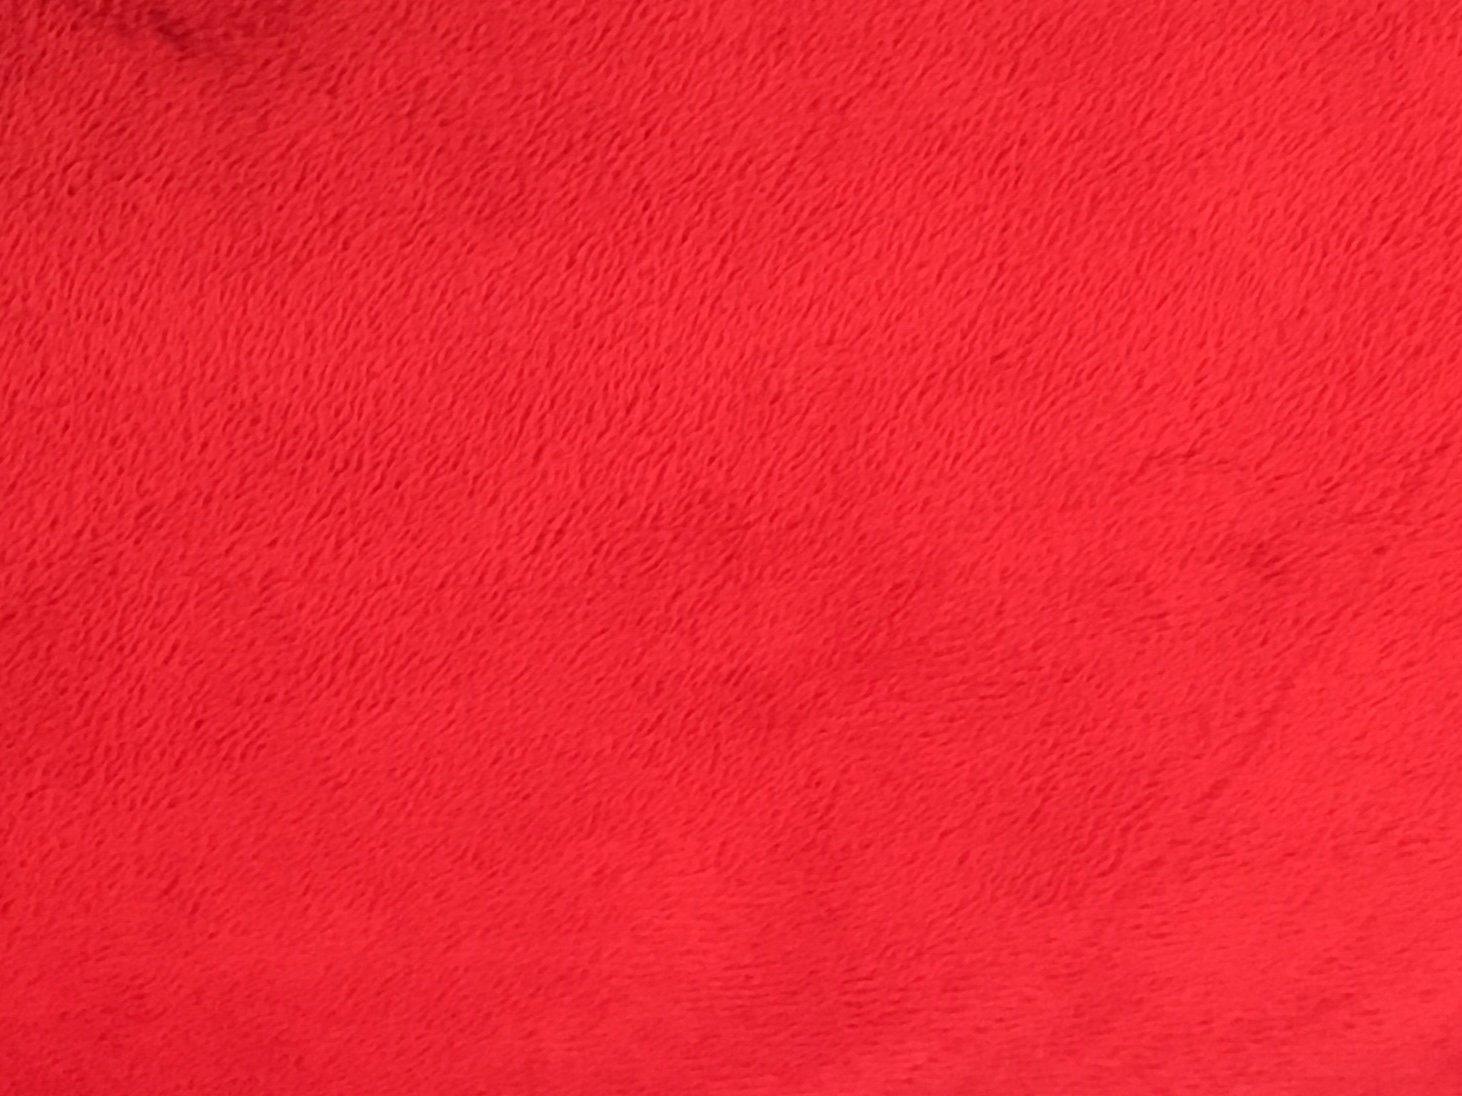 SHAN scarlet 90 WIDE